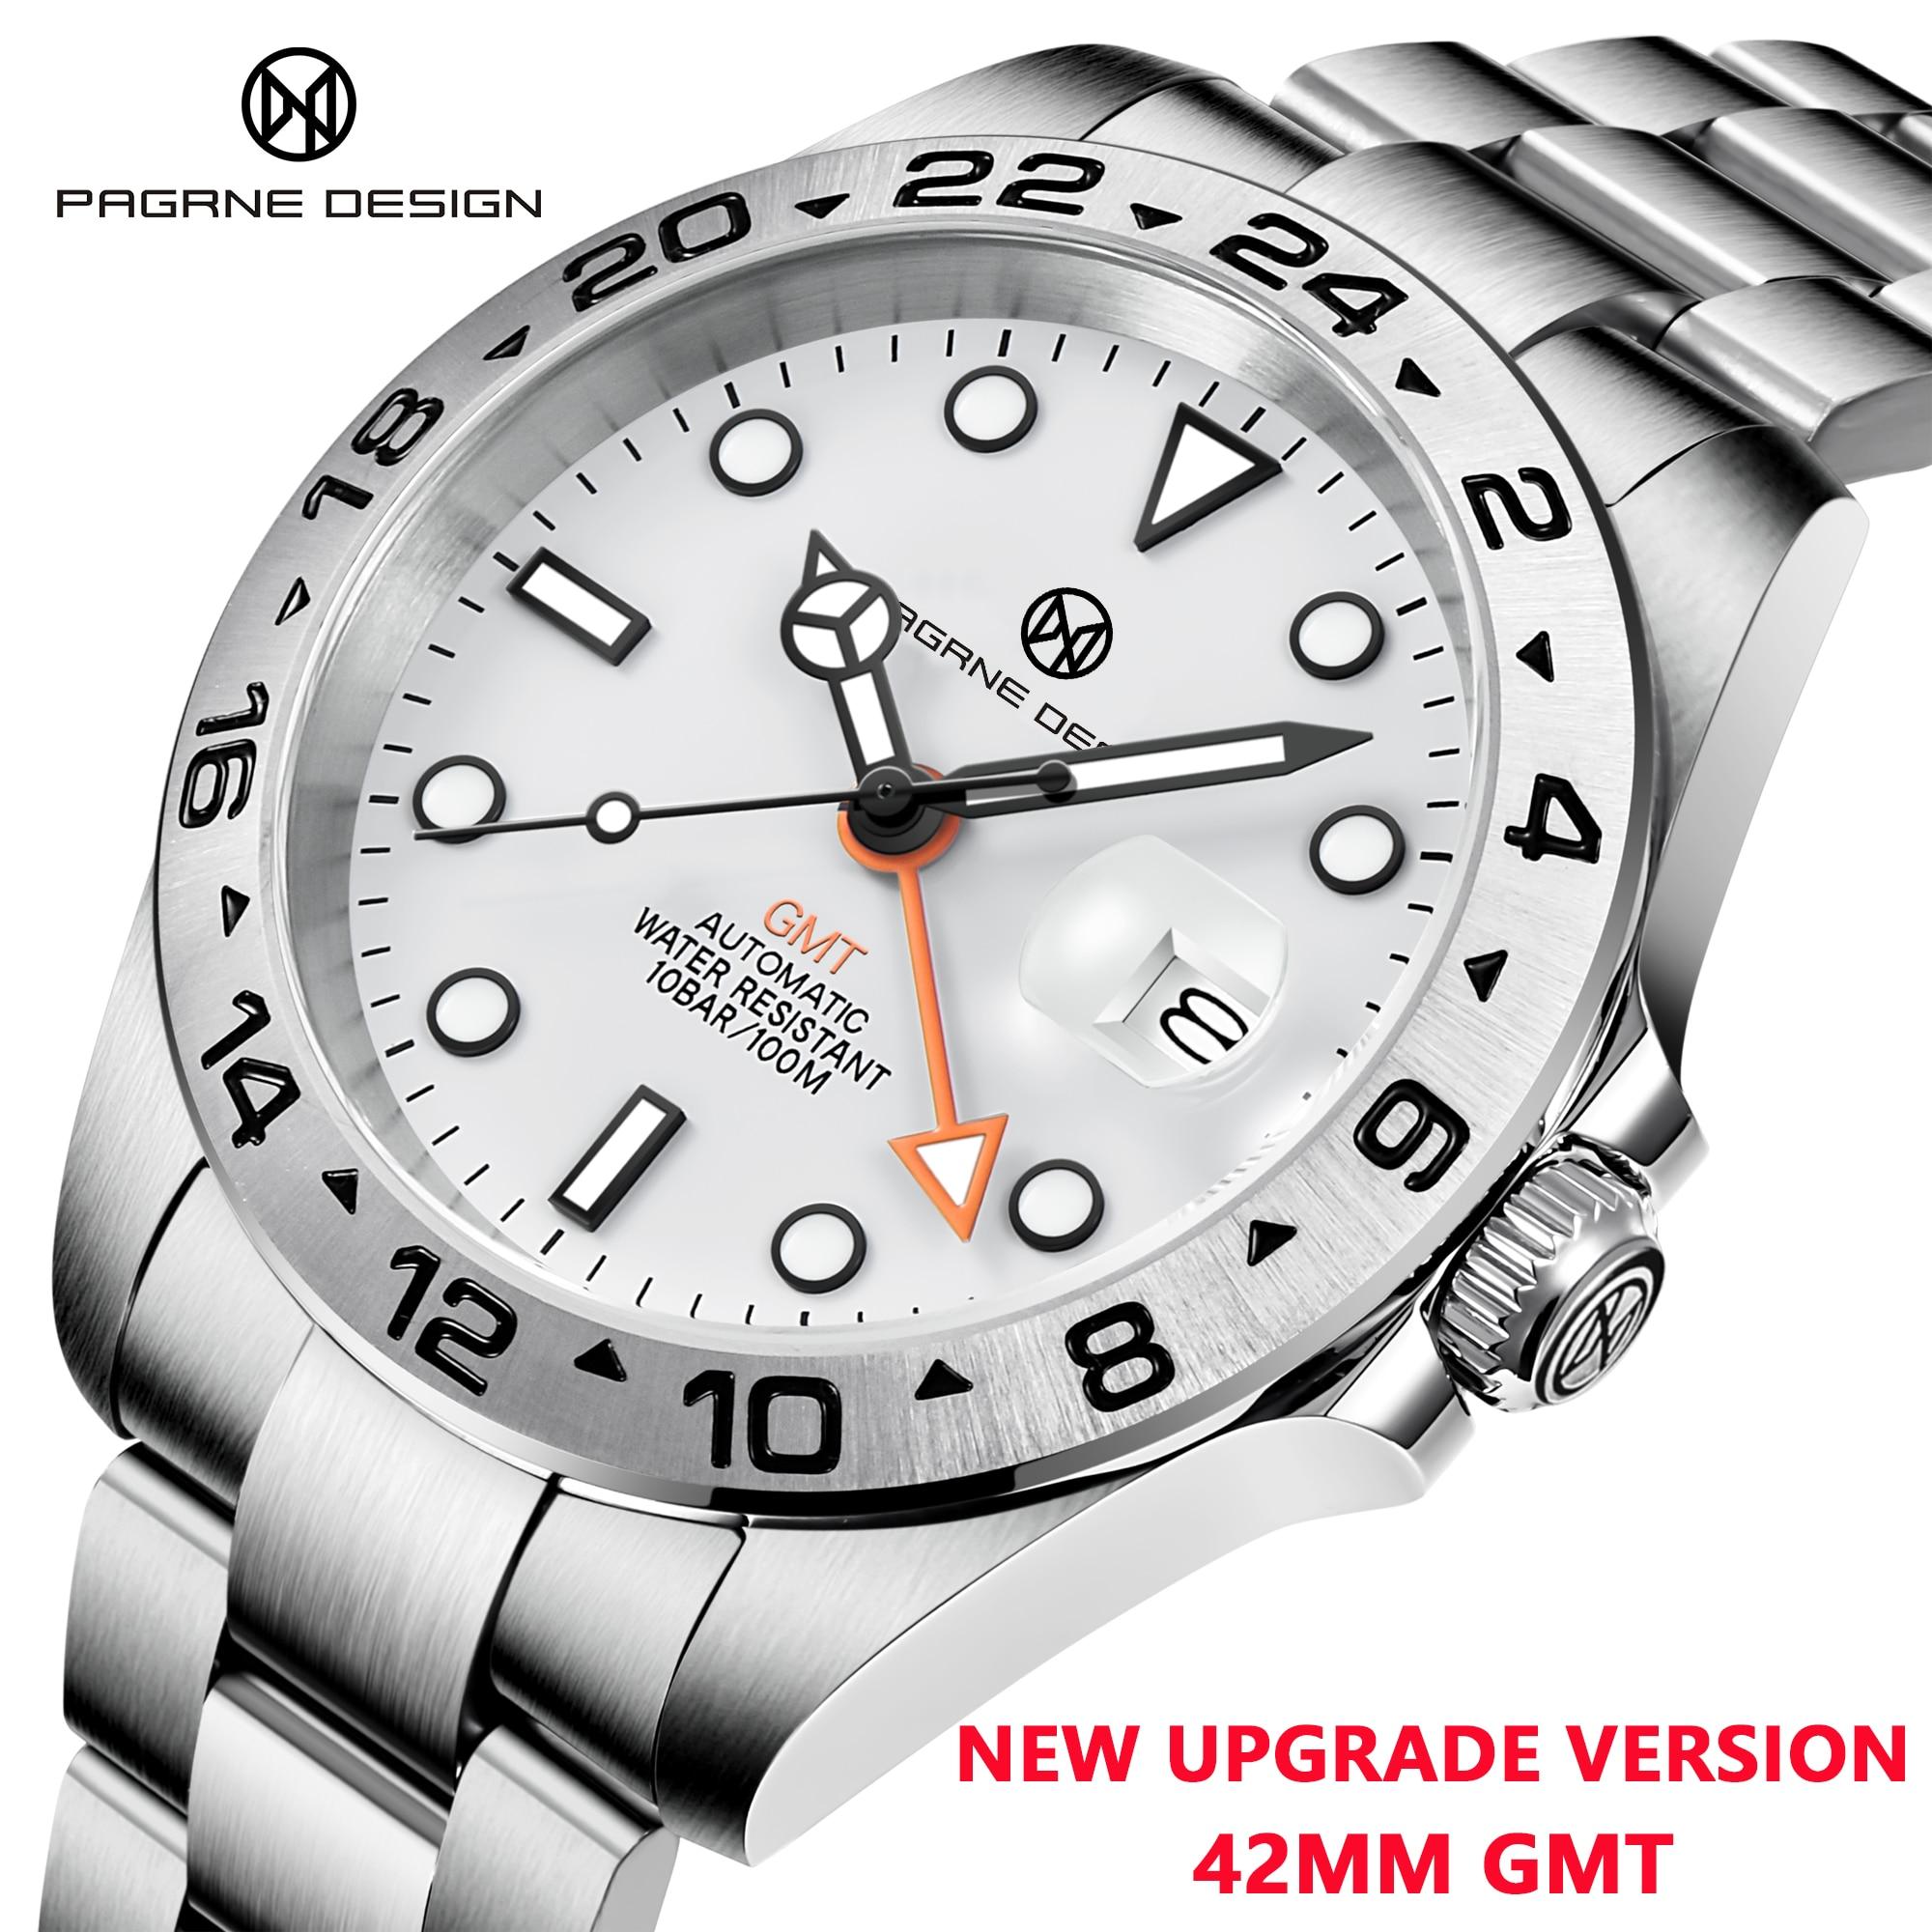 2021 PAGRNE تصميم جديد للرجال ساعة ميكانيكية أوتوماتيكية GMT Pagani ساعة الياقوت الفولاذ المقاوم للصدأ مقاوم للماء ساعة Reloj Hombre